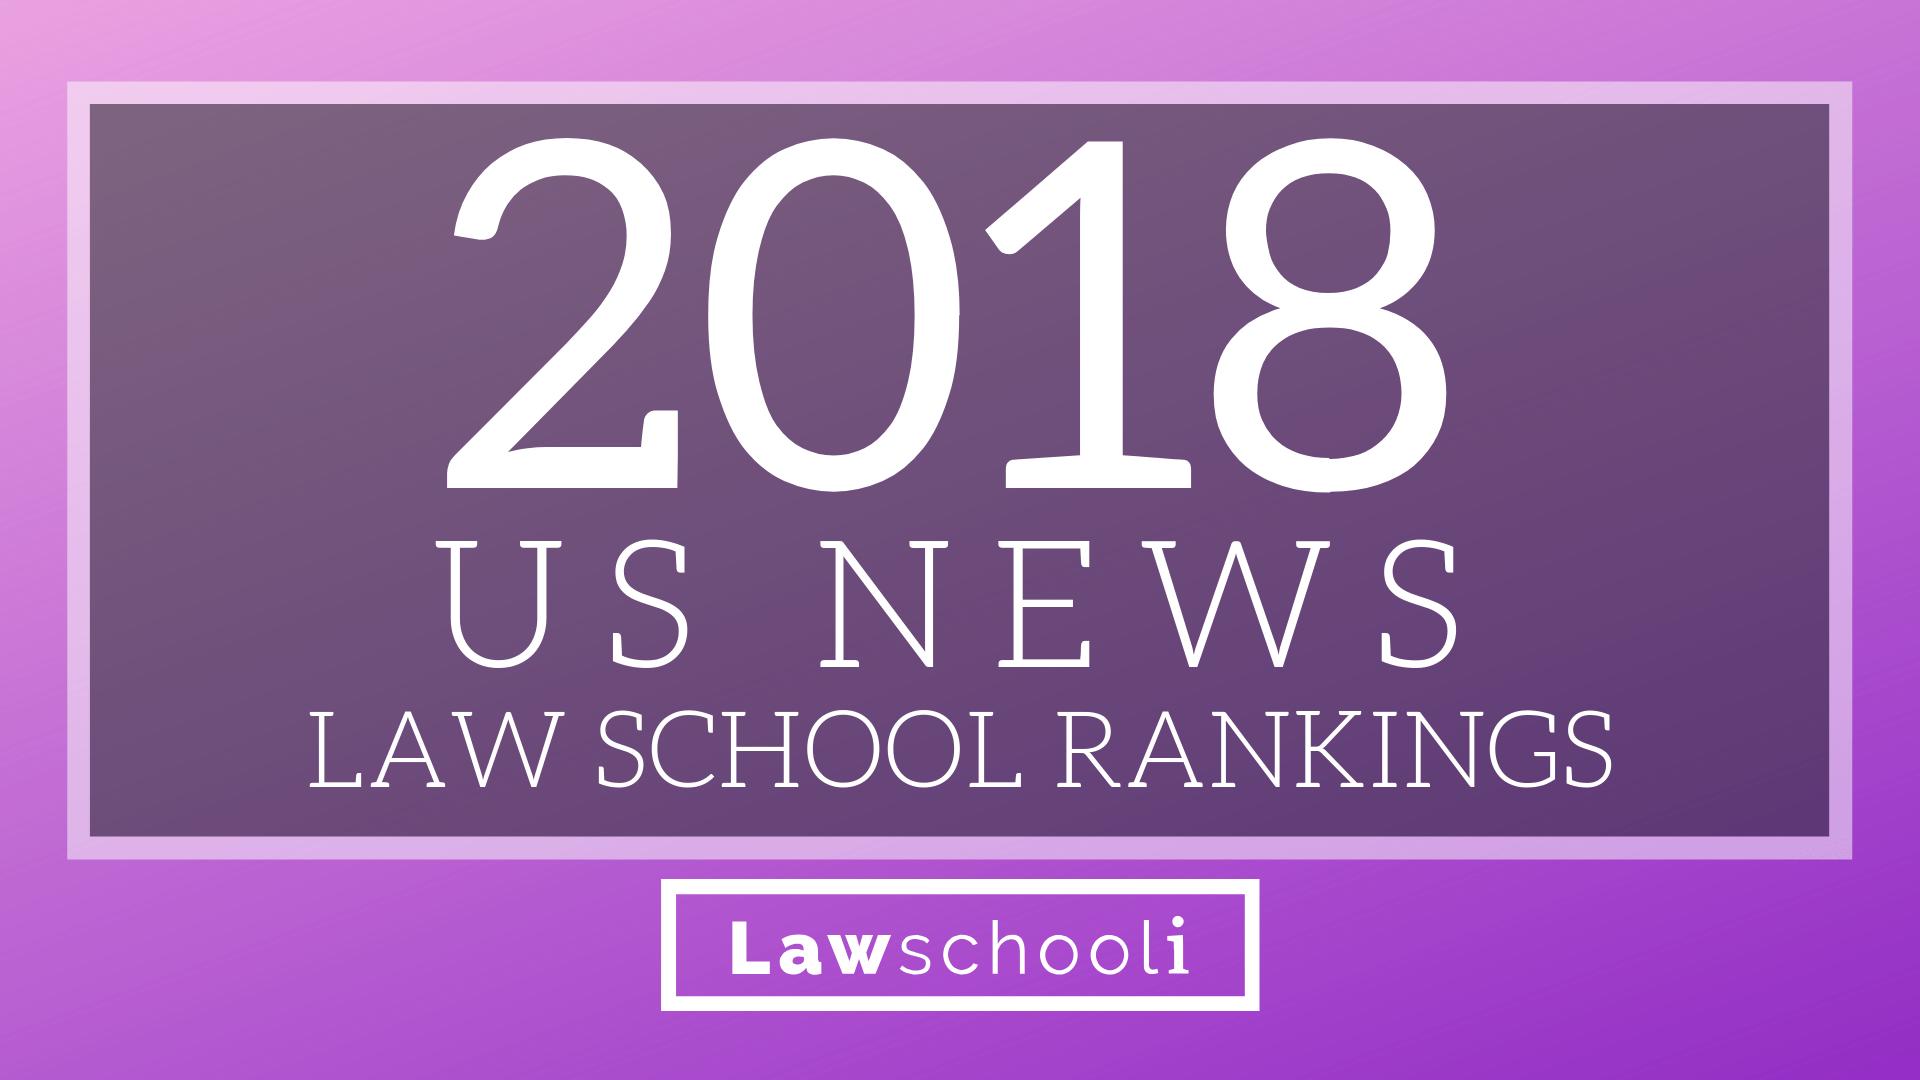 2018 USNews Law School Rankings Arrive!!! - LawSchooli